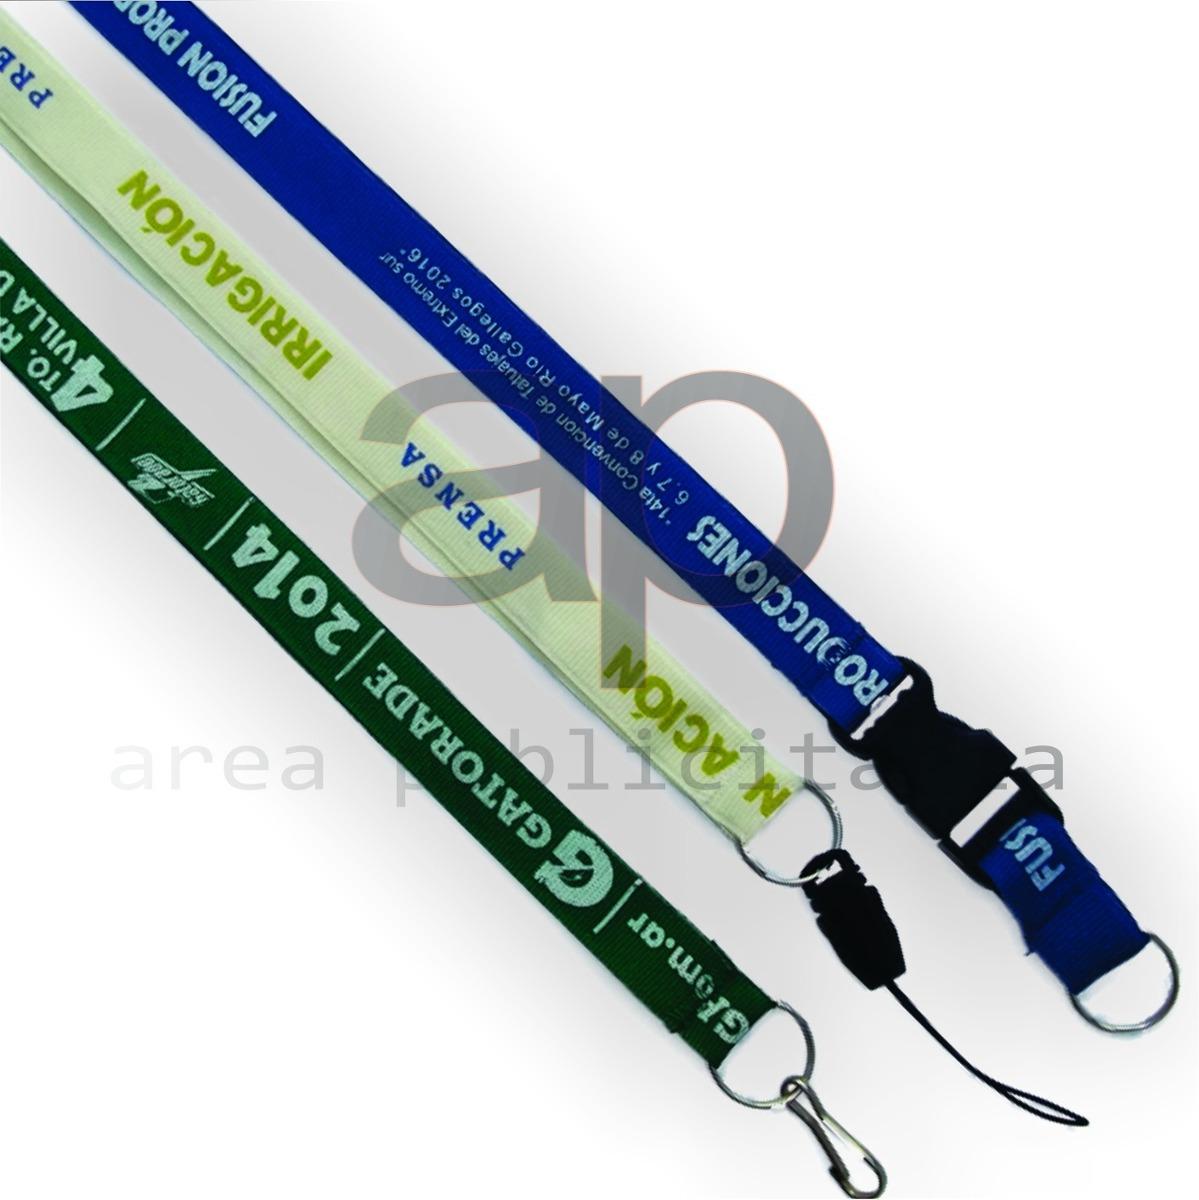 c181fe1fa2 cintas llavero personalizados impresos lanyards $8.90 c/u. Cargando zoom.